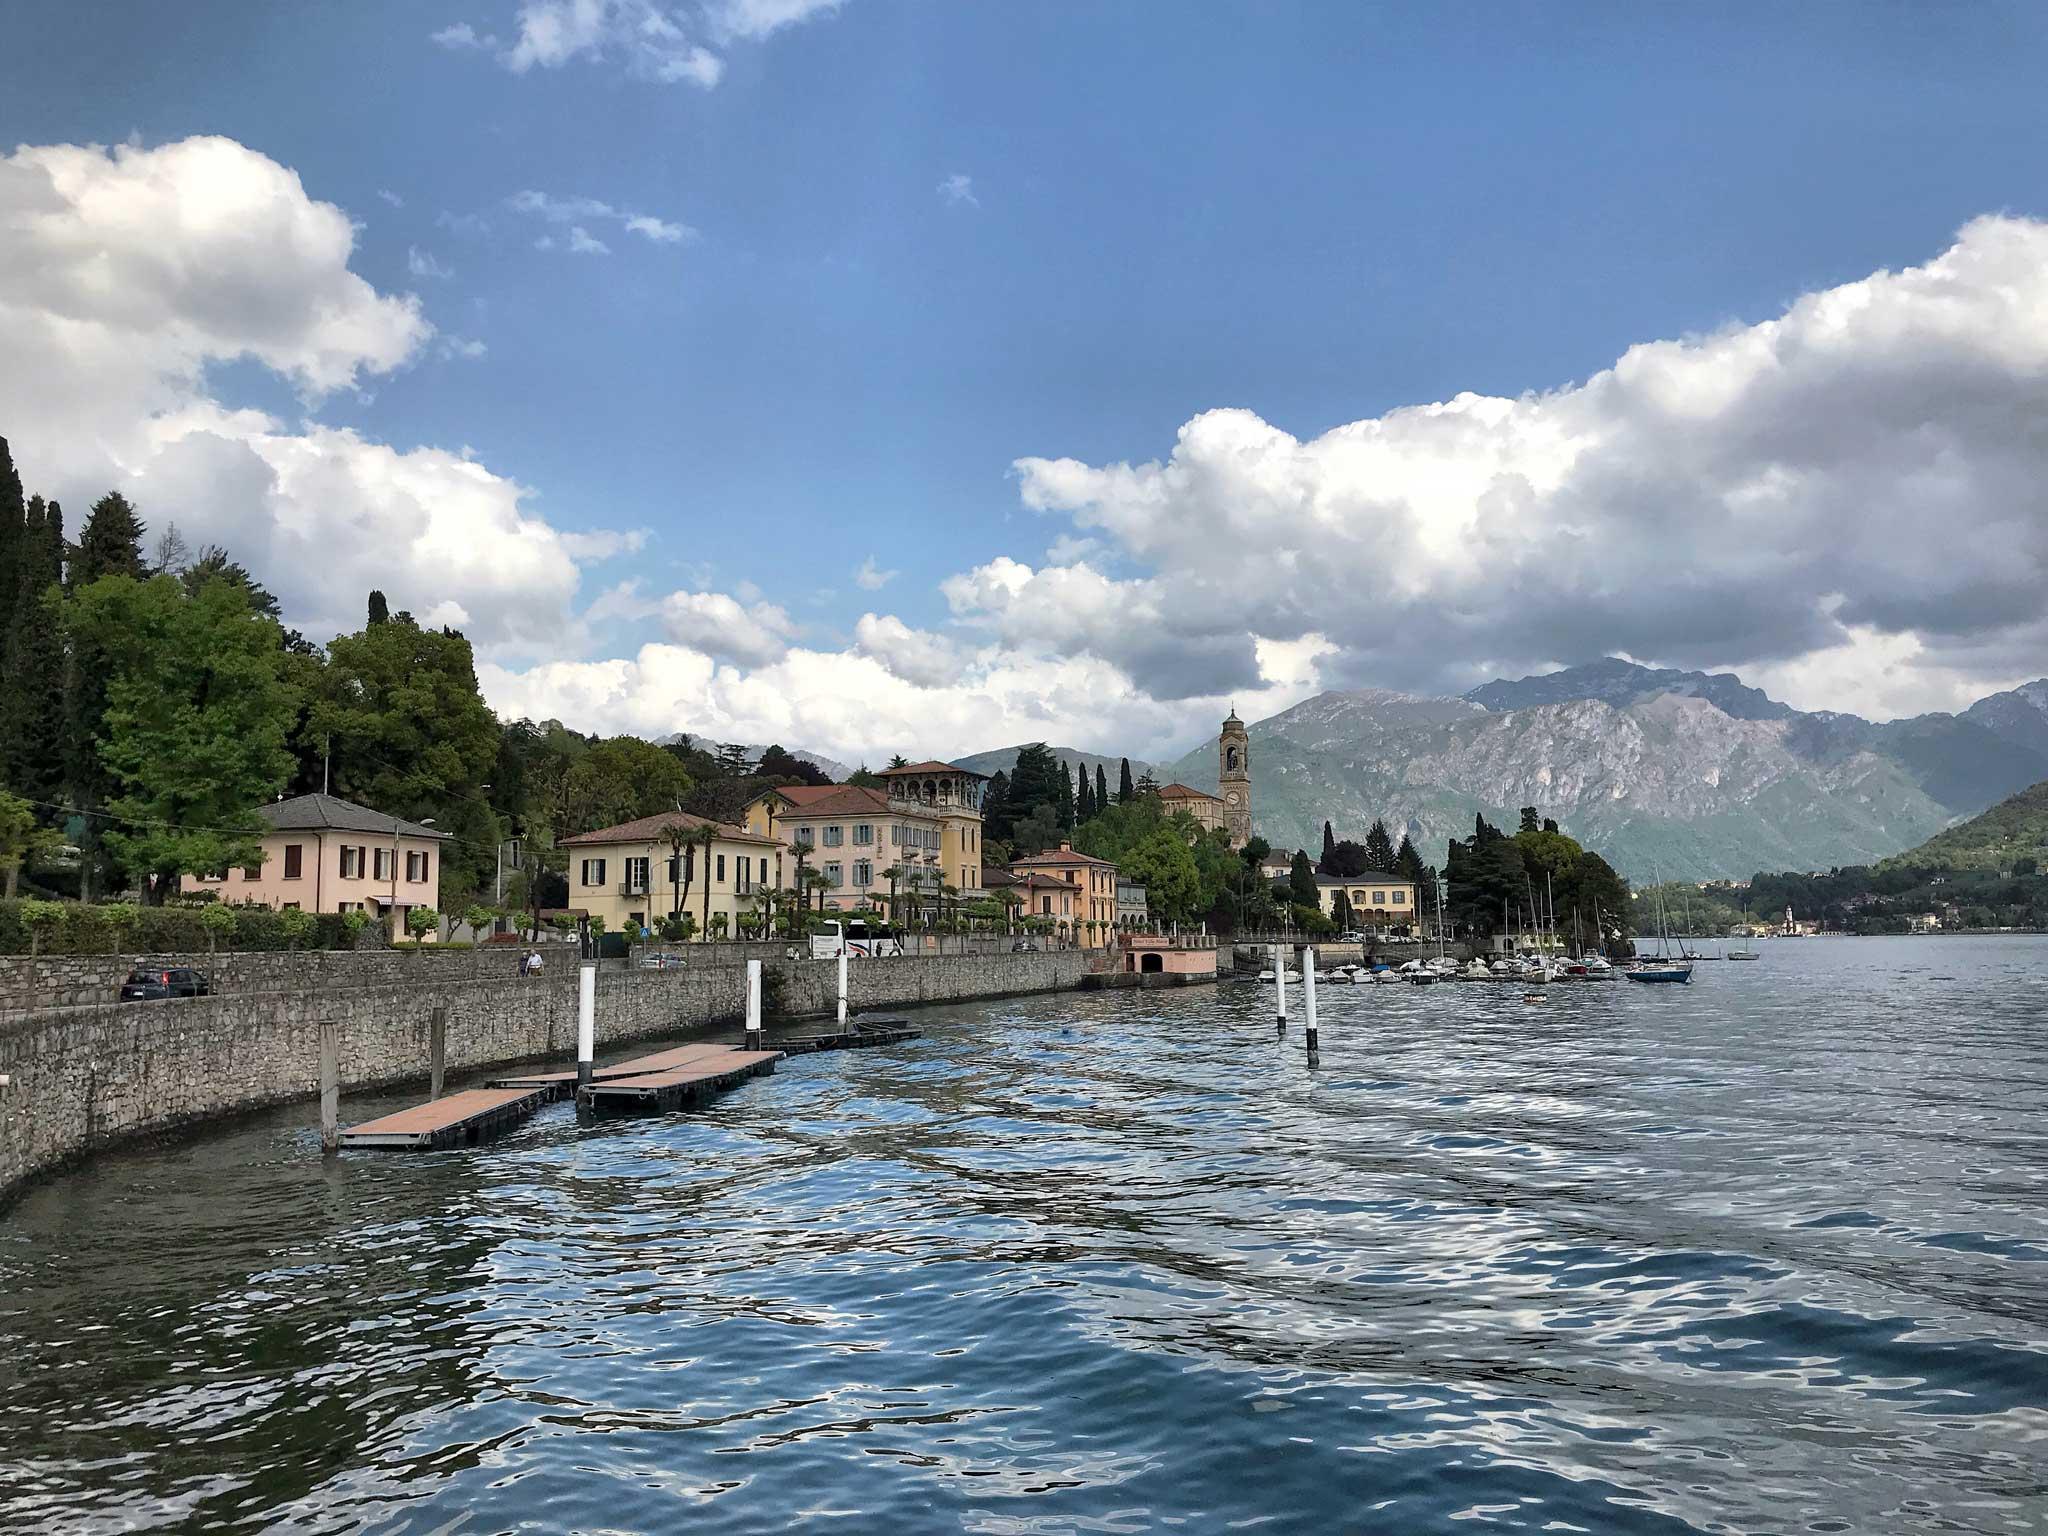 Tremezzo-Lago-di-Como-lungolago-barche-panorama